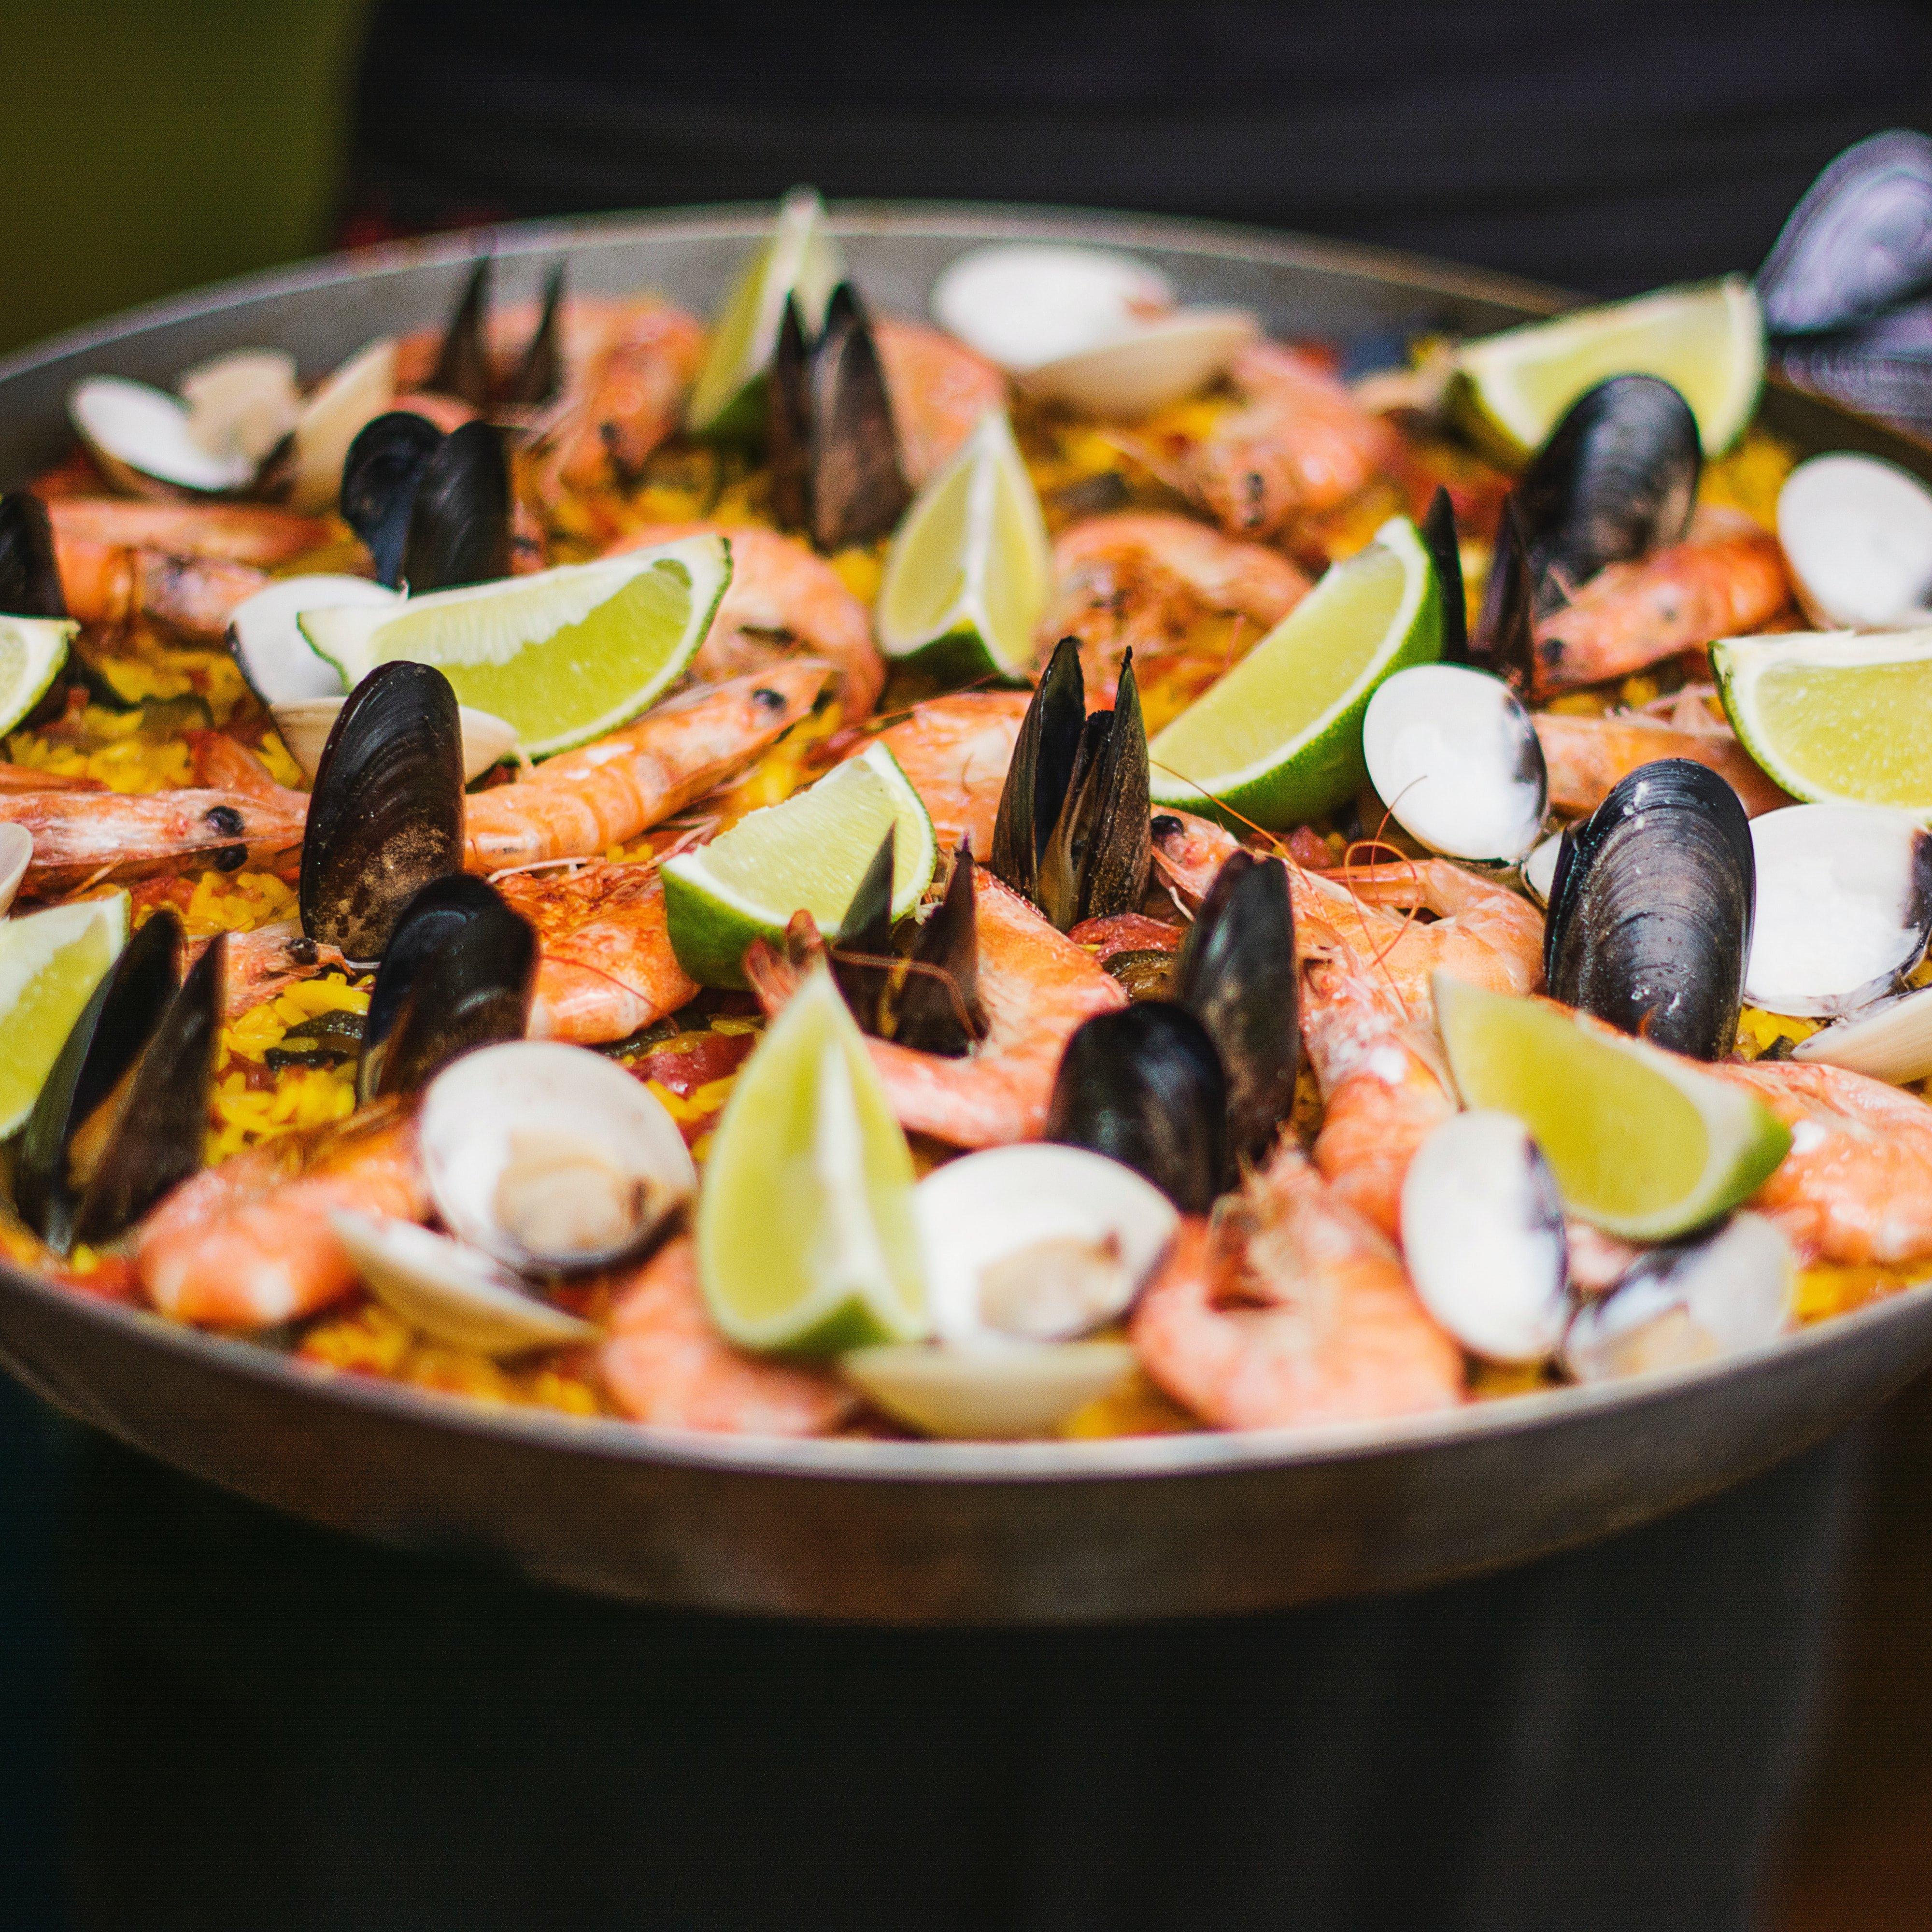 Spanish shrimp food plate